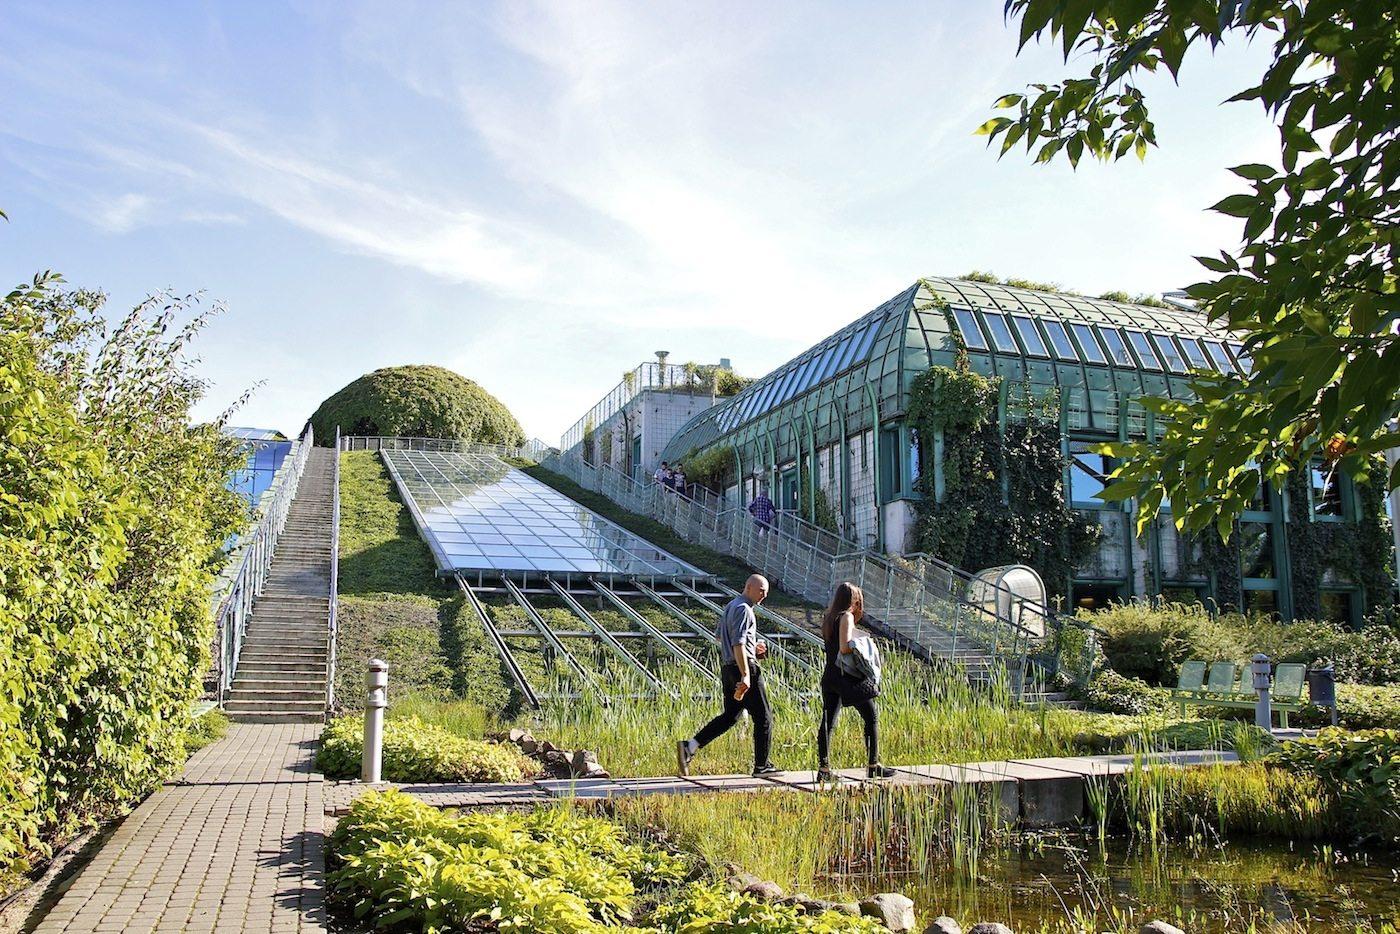 Großgarten. Der botanische Garten ist einer der größten Dachgärten in Europa und nur über eine Treppenanlage erreichbar.